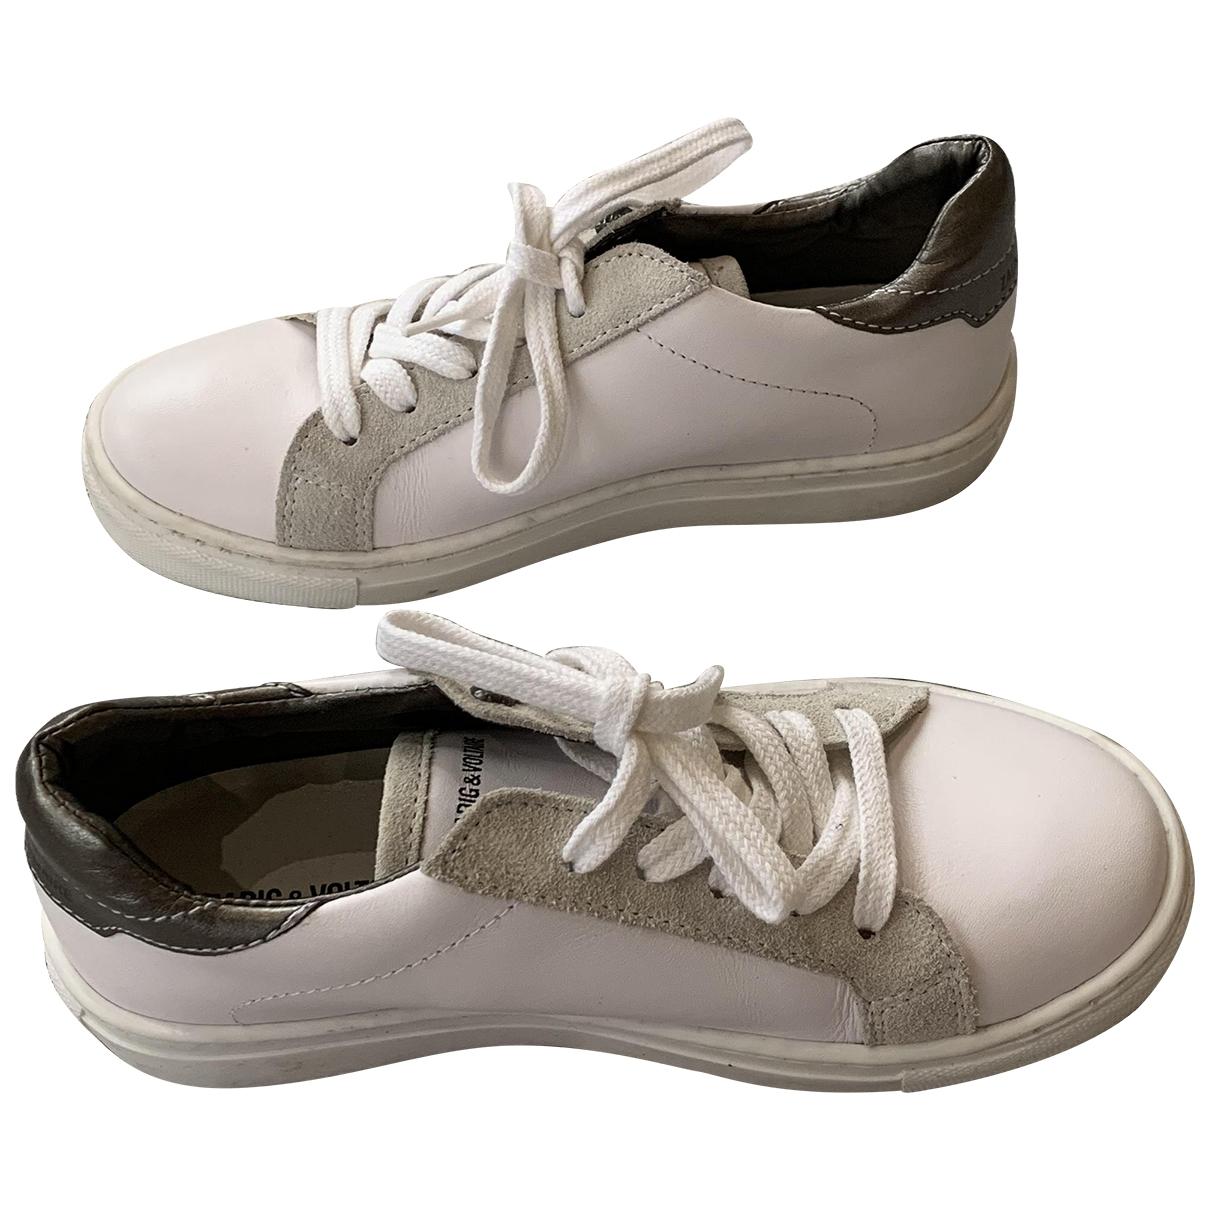 Zadig & Voltaire \N Sneakers in Leder